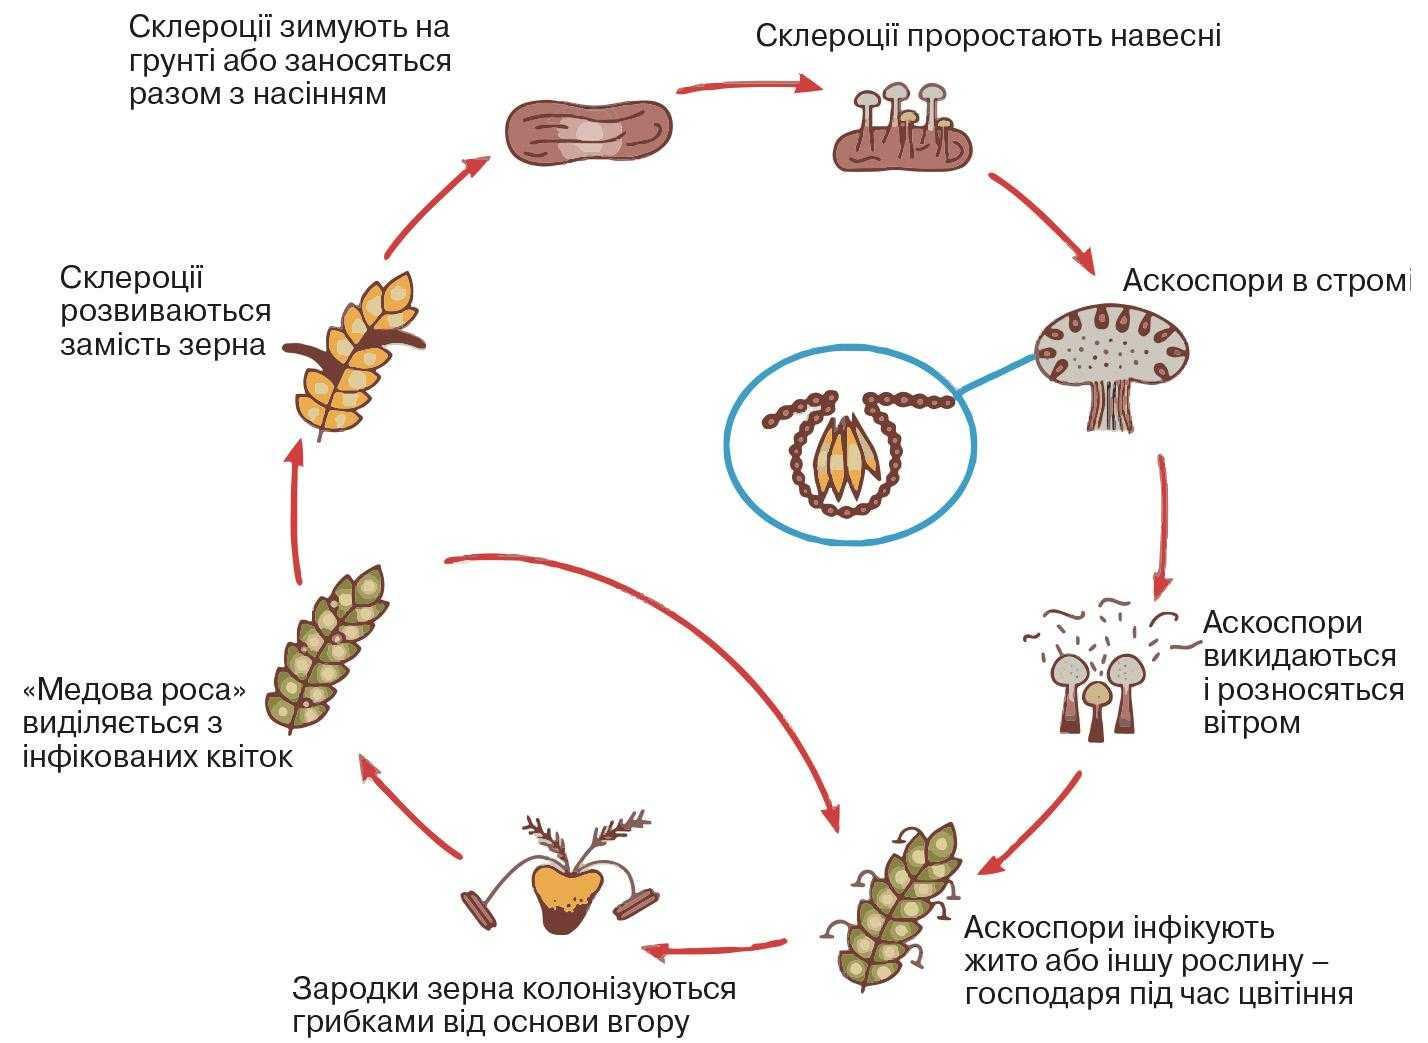 Рис. 4. Цикл розвитку ріжків